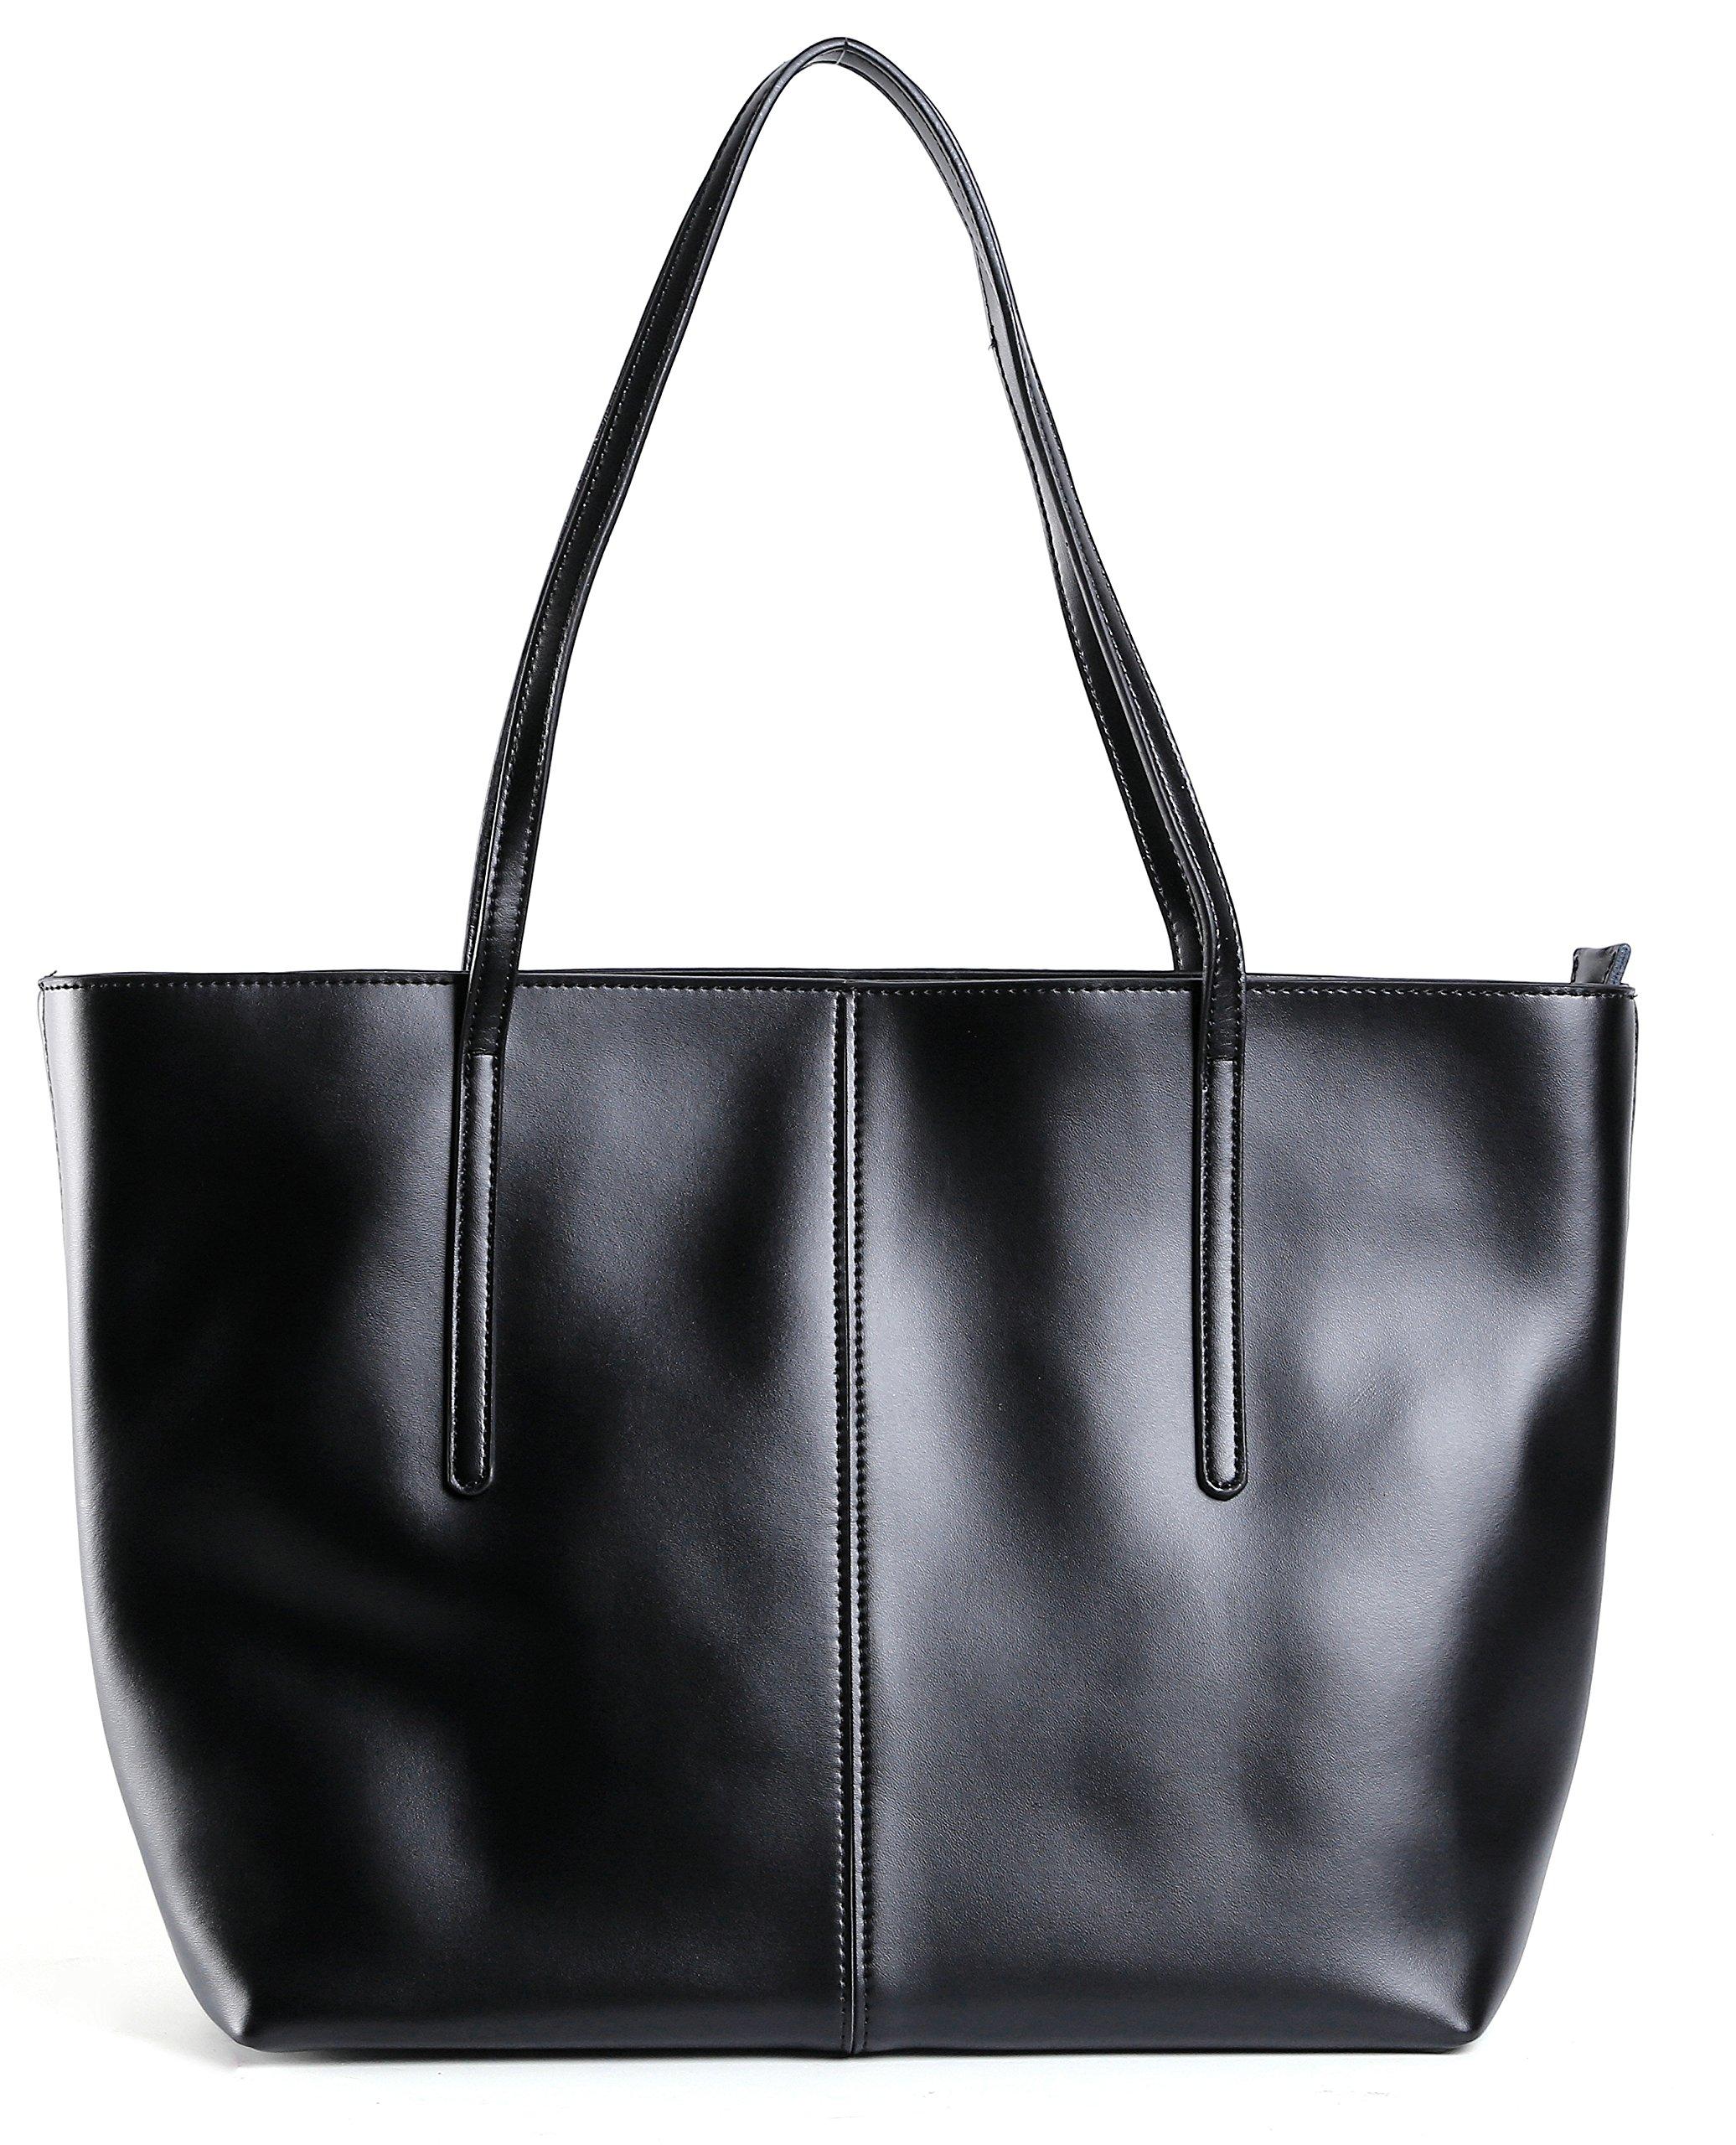 BeAllure Women's Genuine Leather Large Durable Tote Bag Handbag Casual Designer Shoulder Bag for Work,School,Shopping,Black